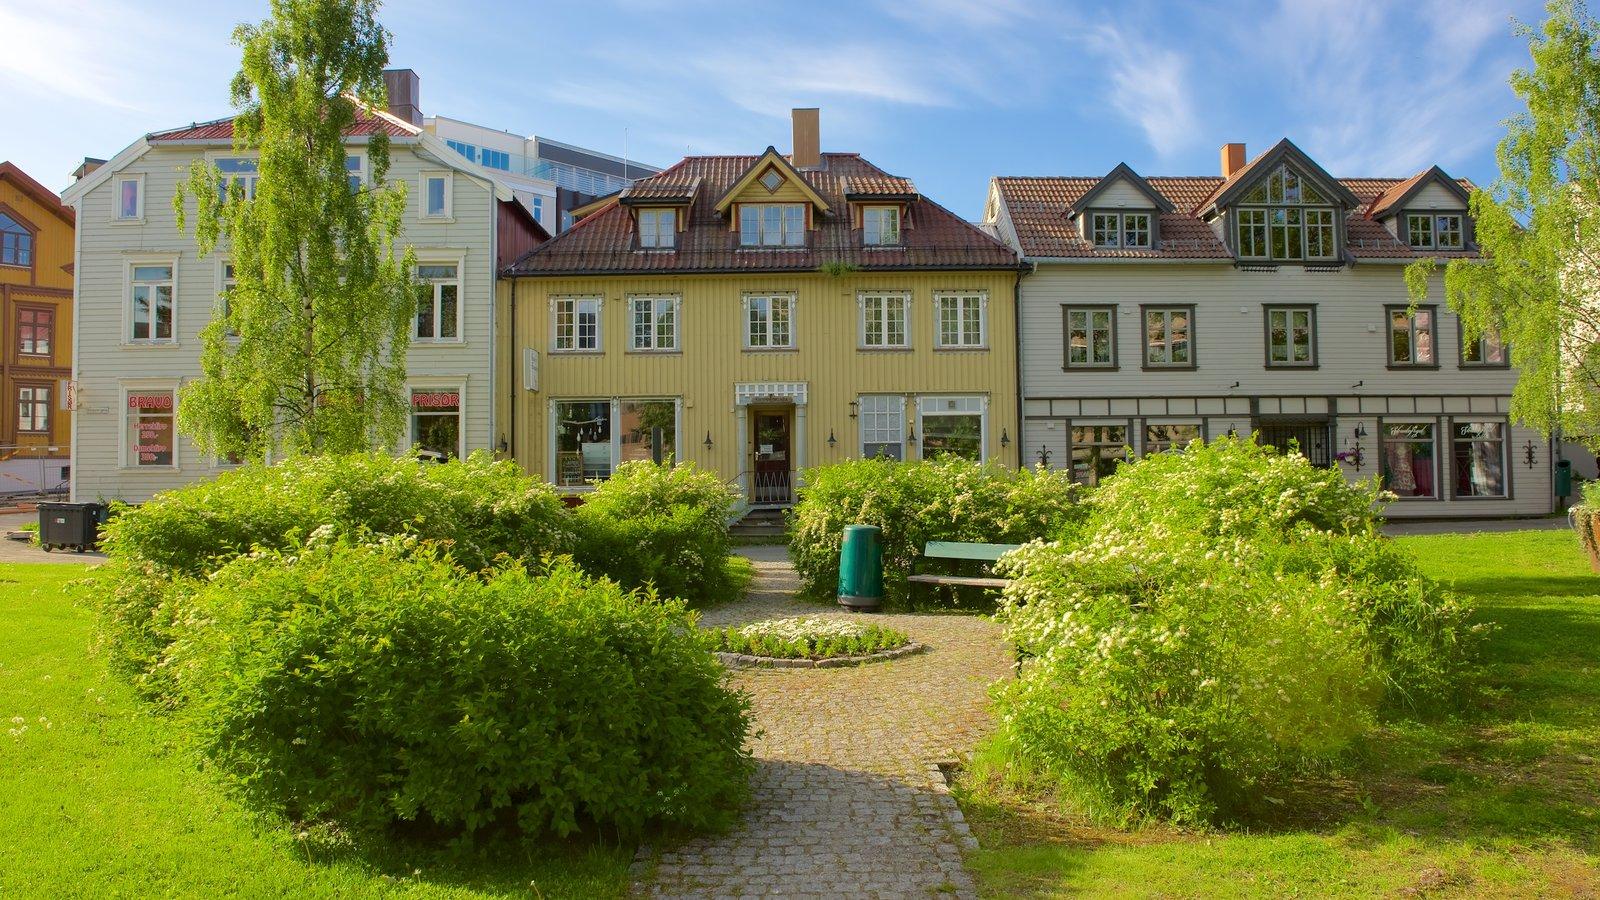 Tromso que inclui um jardim e uma casa